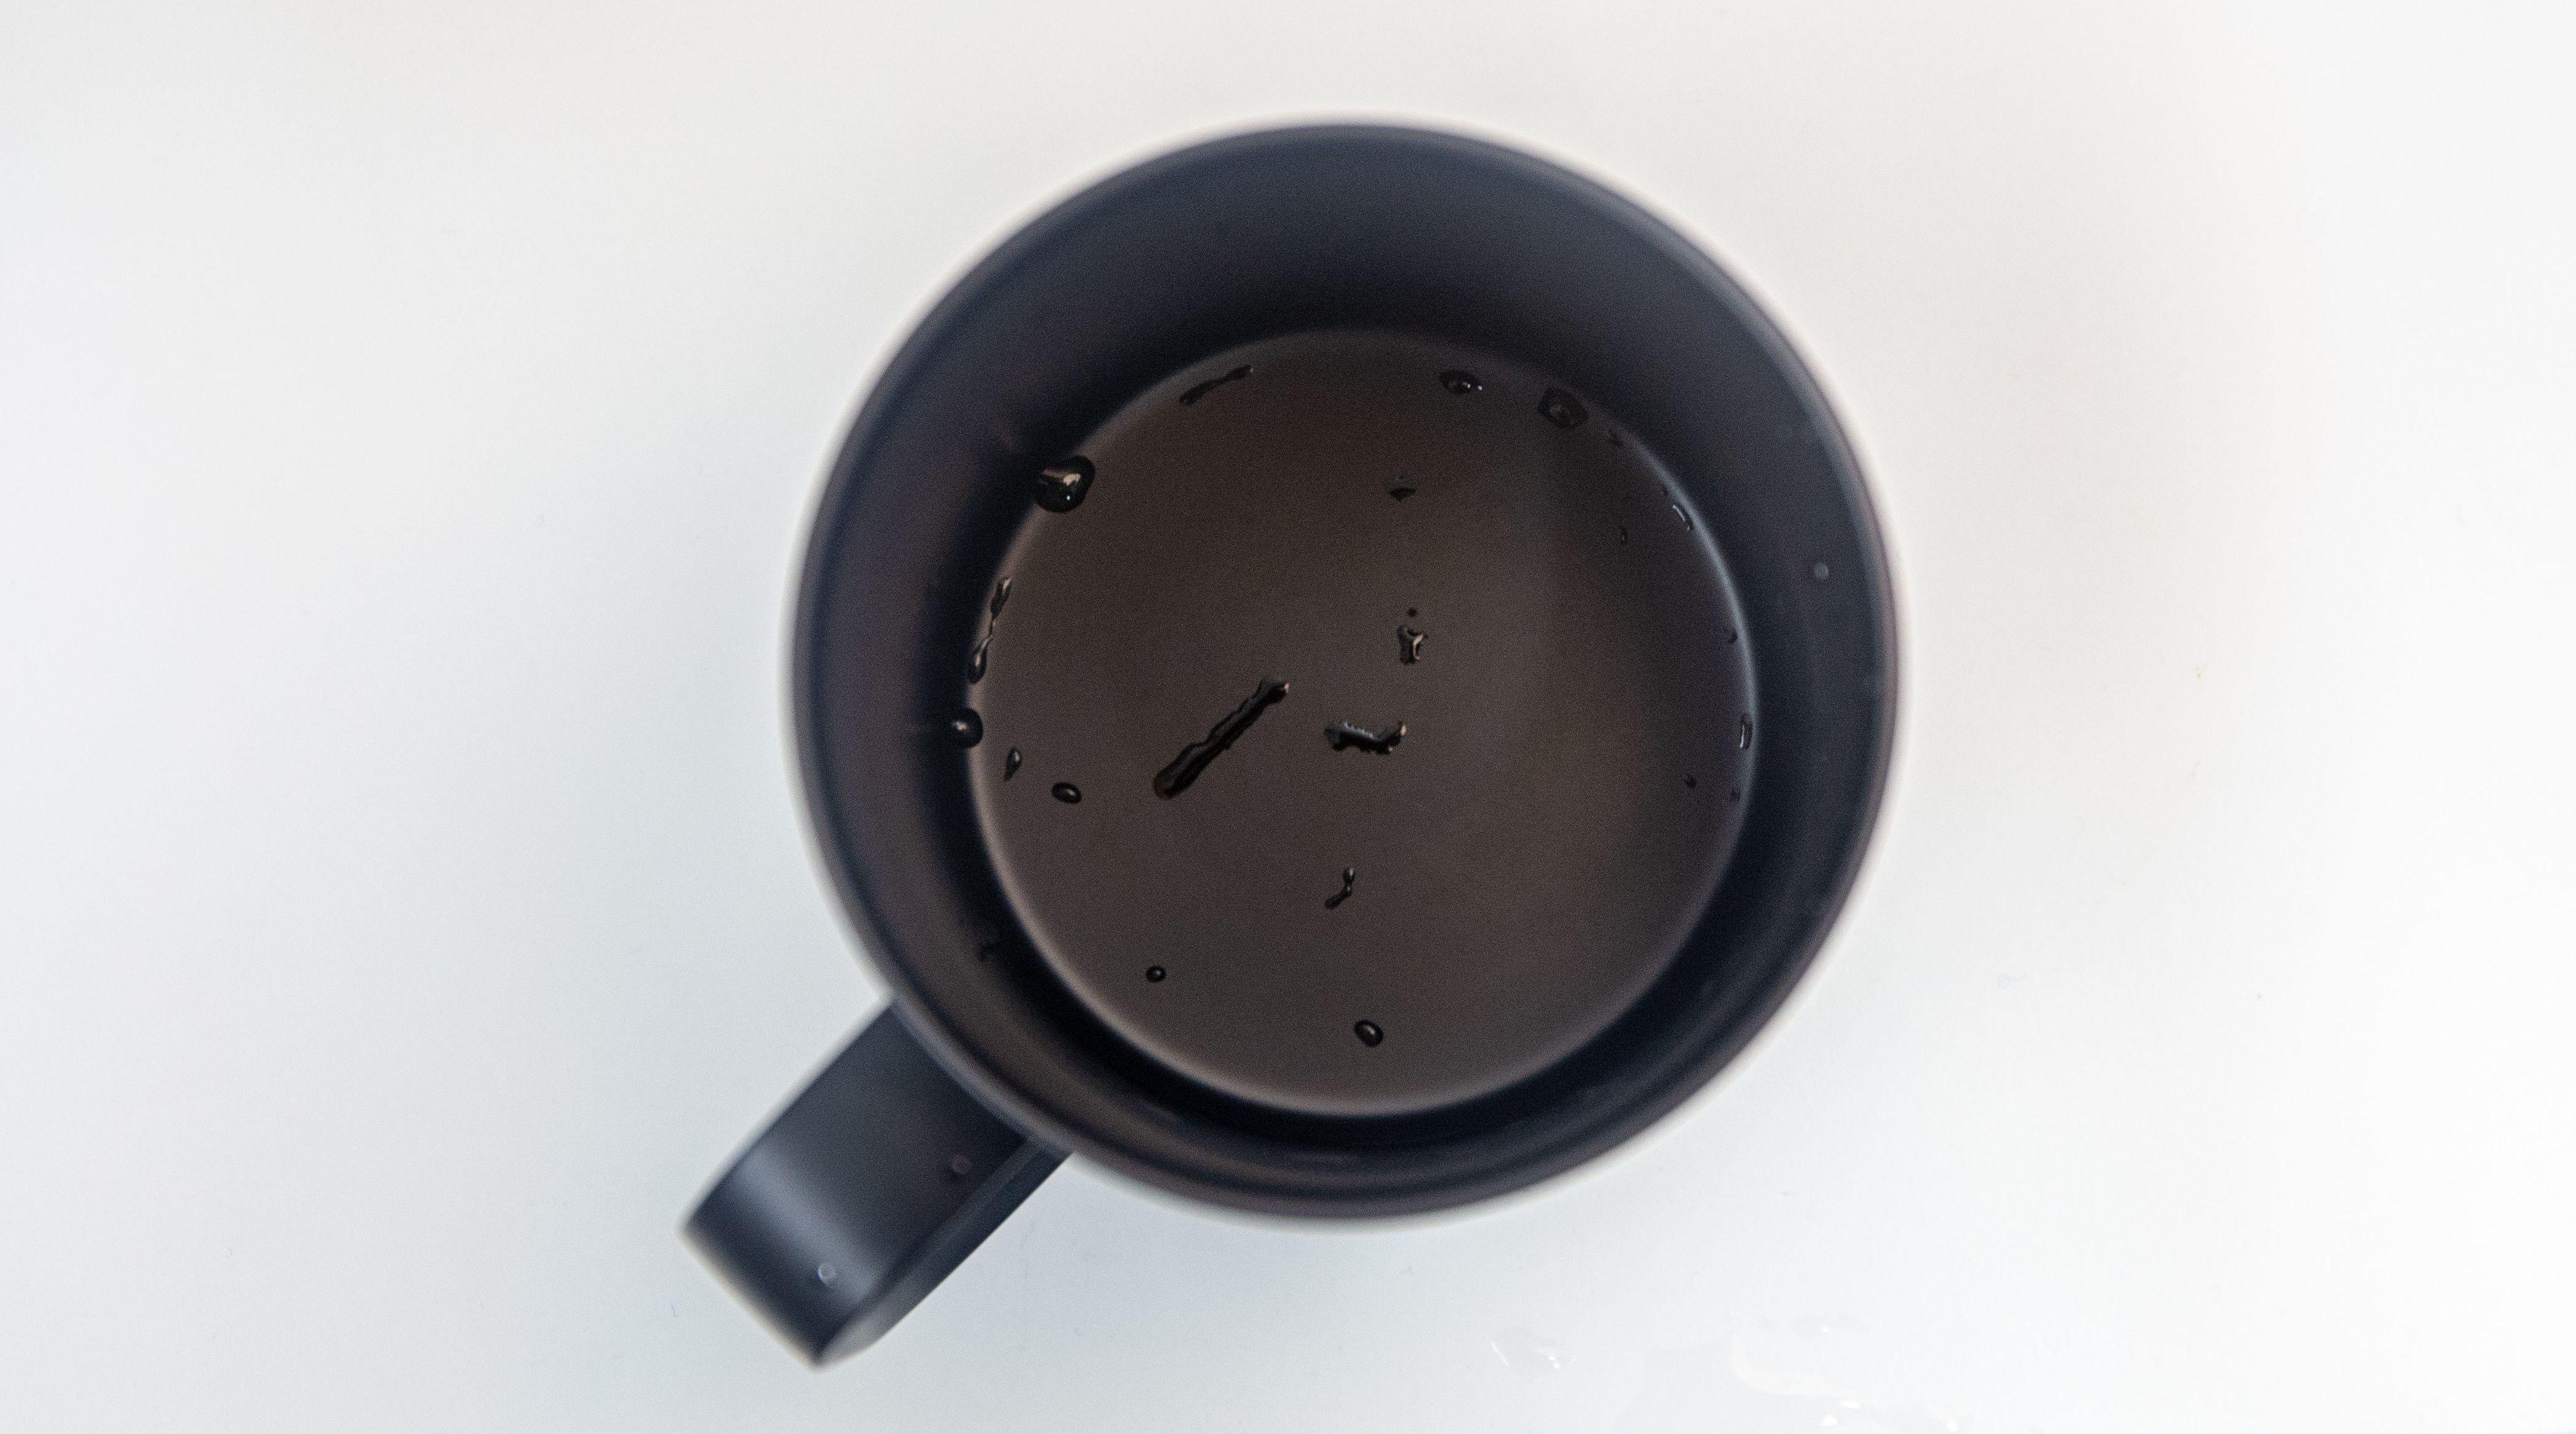 Når det er tomt i koppen skrur den automatisk av varmen.